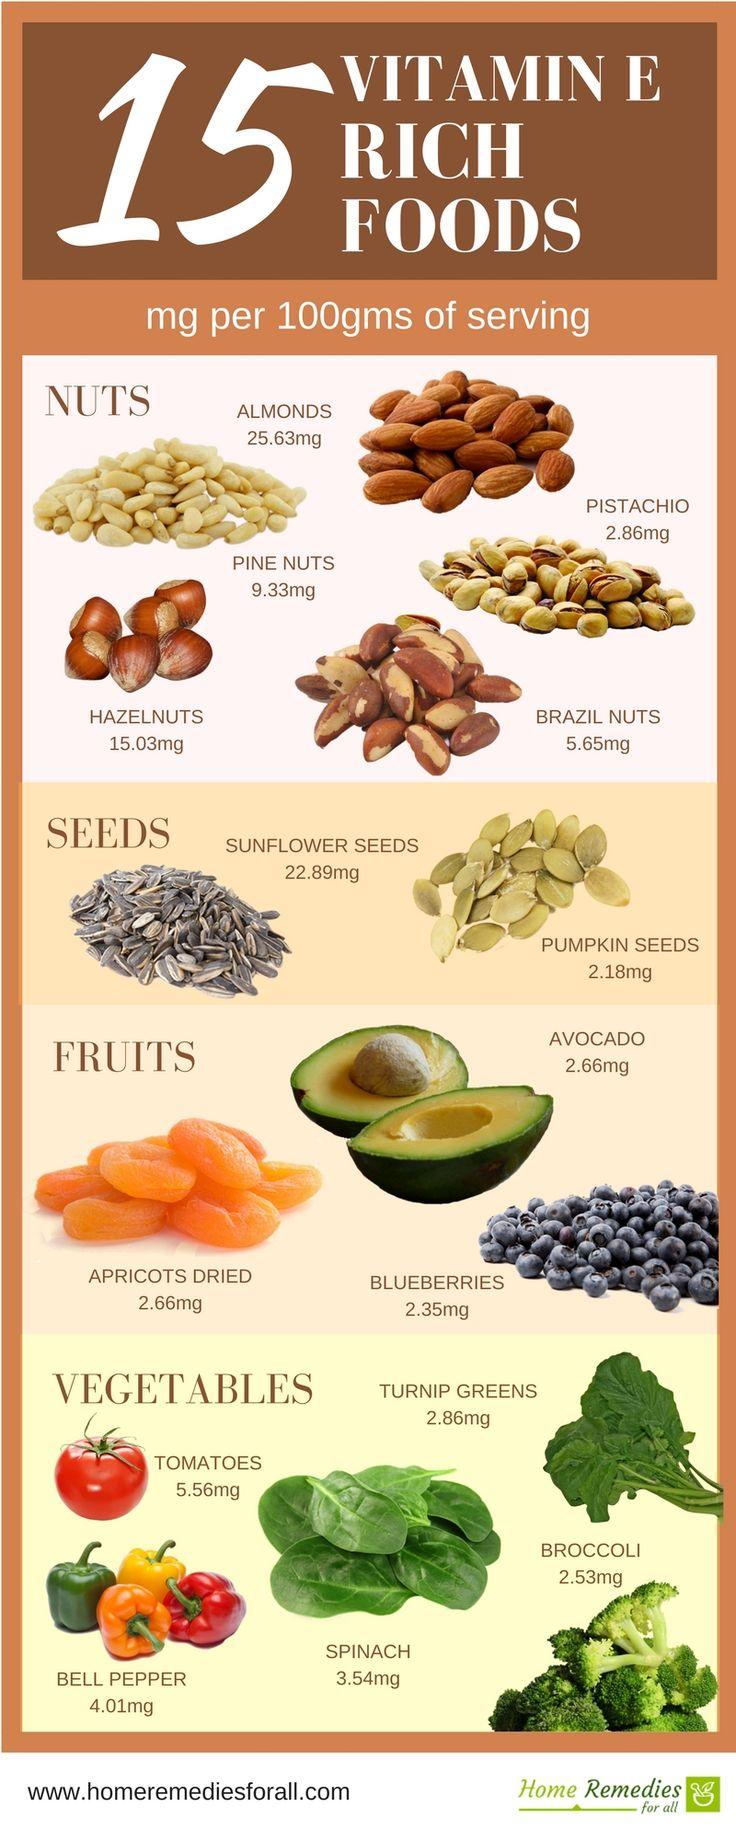 9631ca31d2569aaa272b39802f03bed8--vitamine-e-natural-remedies.jpg